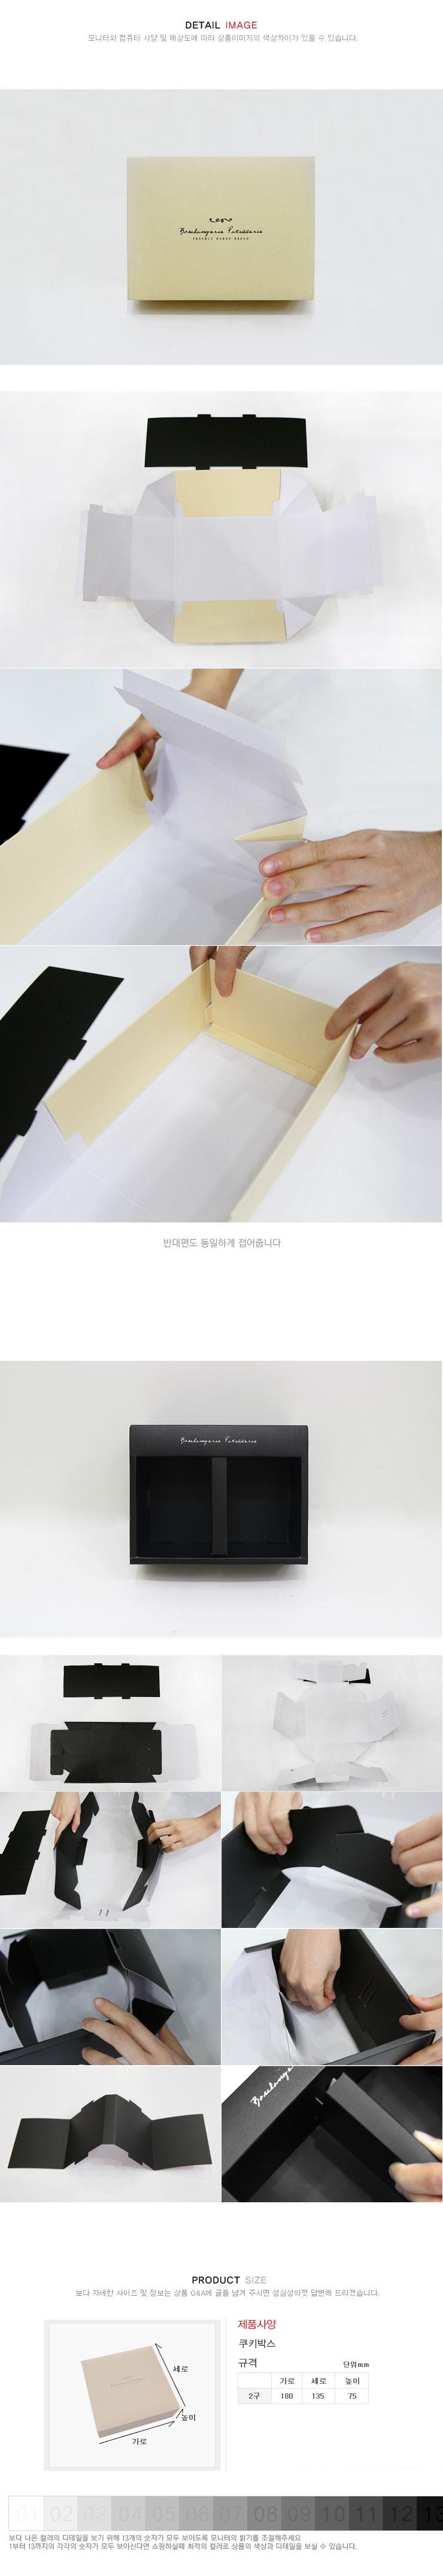 쿠키박스(아이보리) 2구 - 이홈베이킹, 1,800원, DIY재료, 포장용구